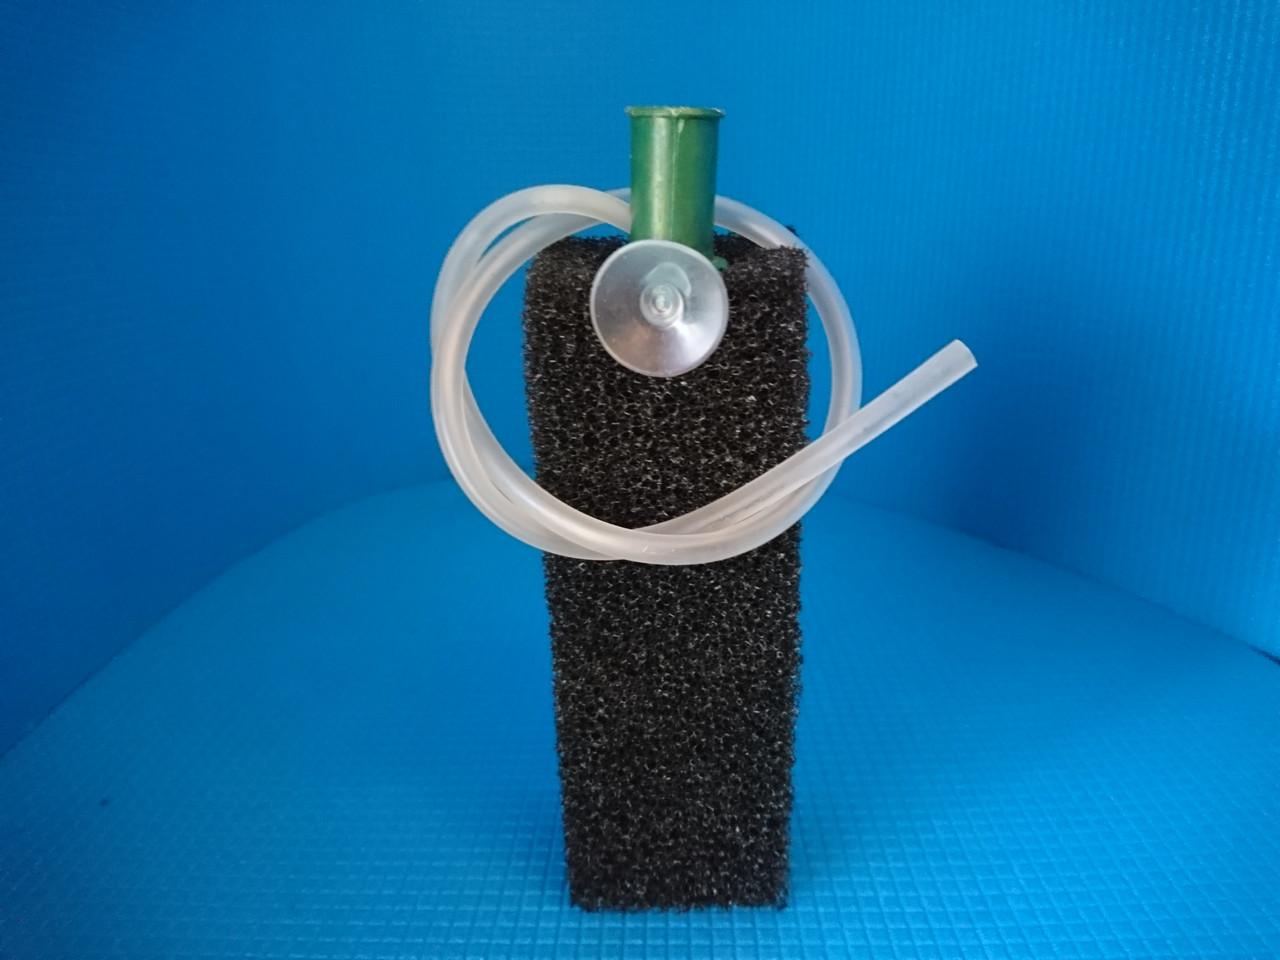 Фильтр для компрессора, размер мелко пористой мочалки (5*5*15)см